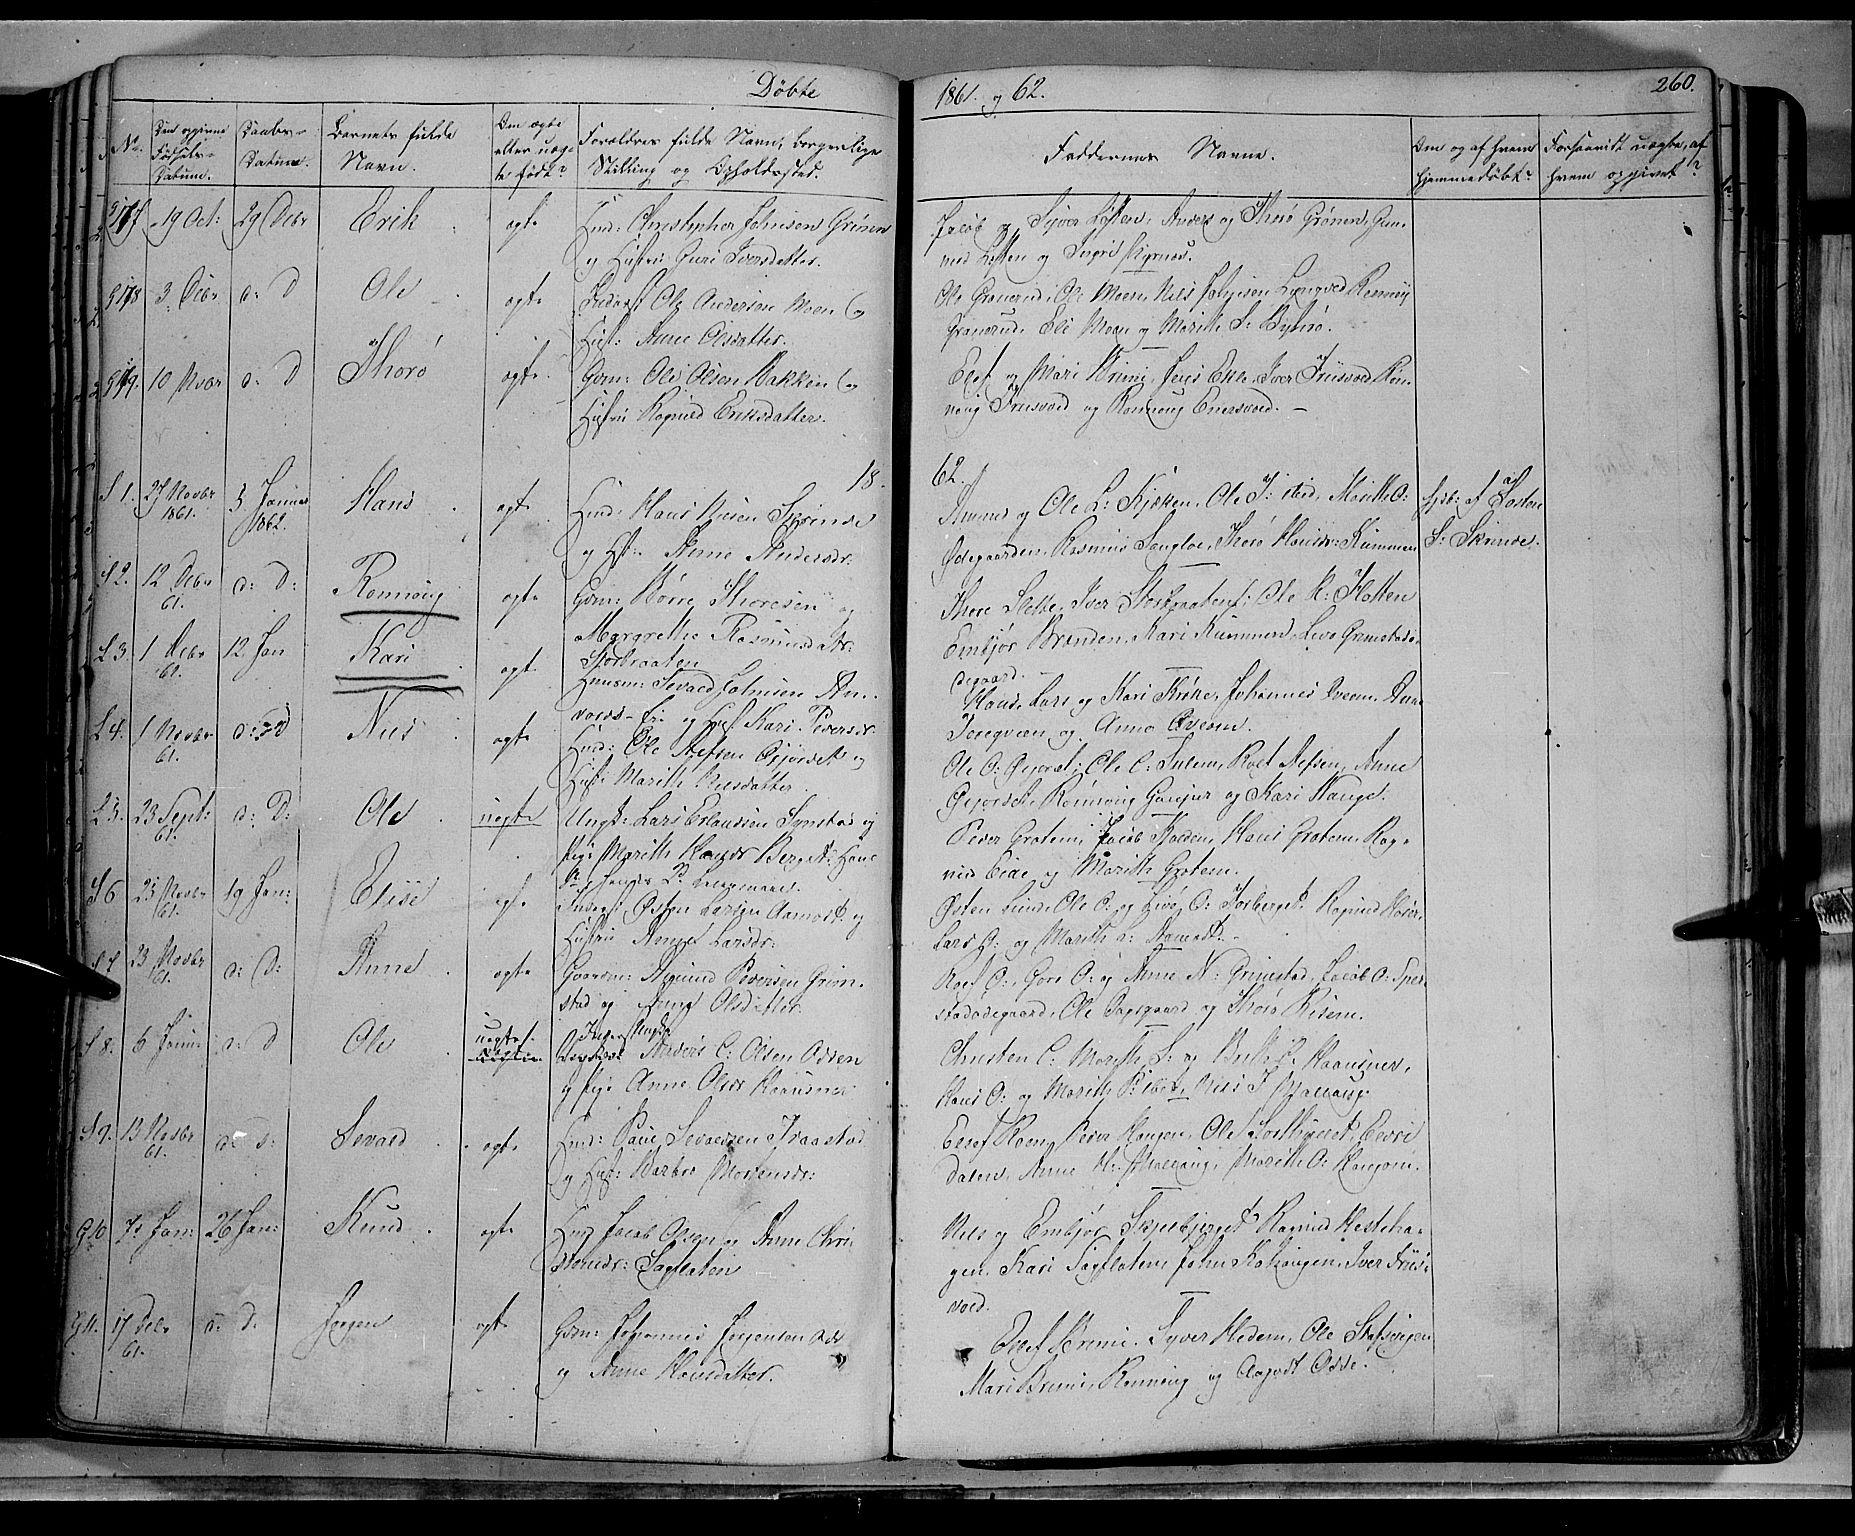 SAH, Lom prestekontor, K/L0006: Ministerialbok nr. 6A, 1837-1863, s. 260